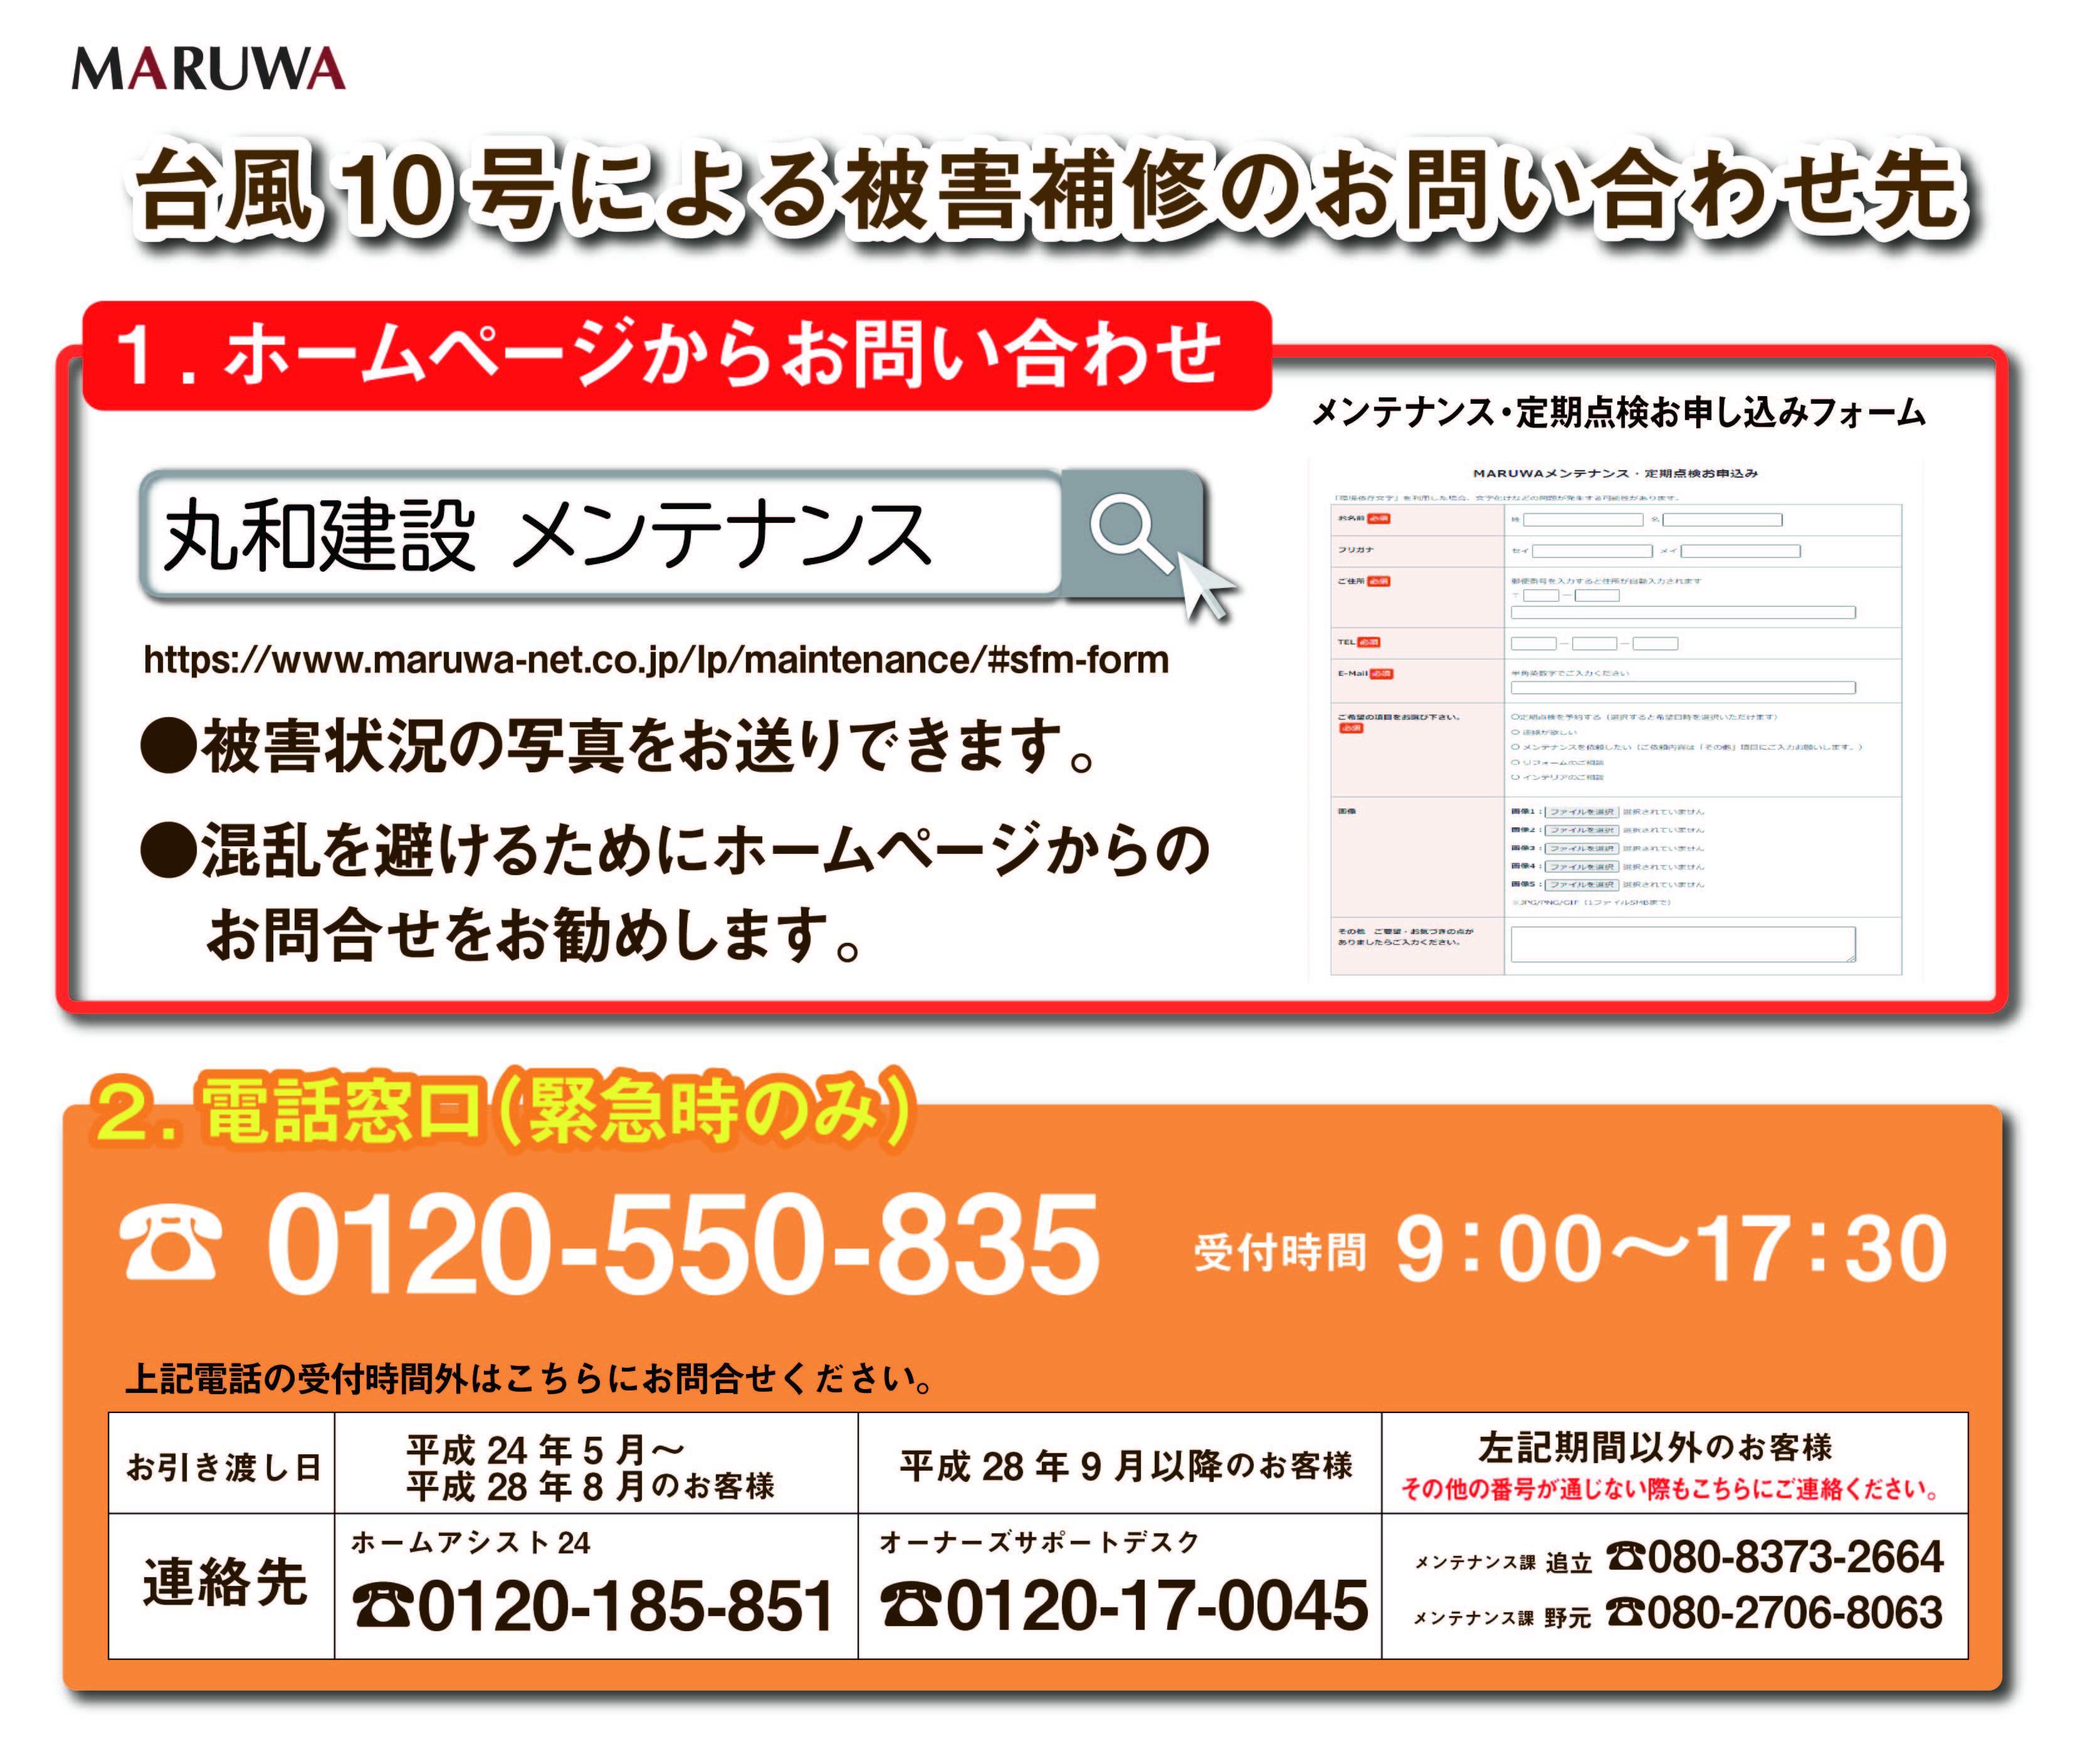 台風10号による被害補修のお問い合わせ先について